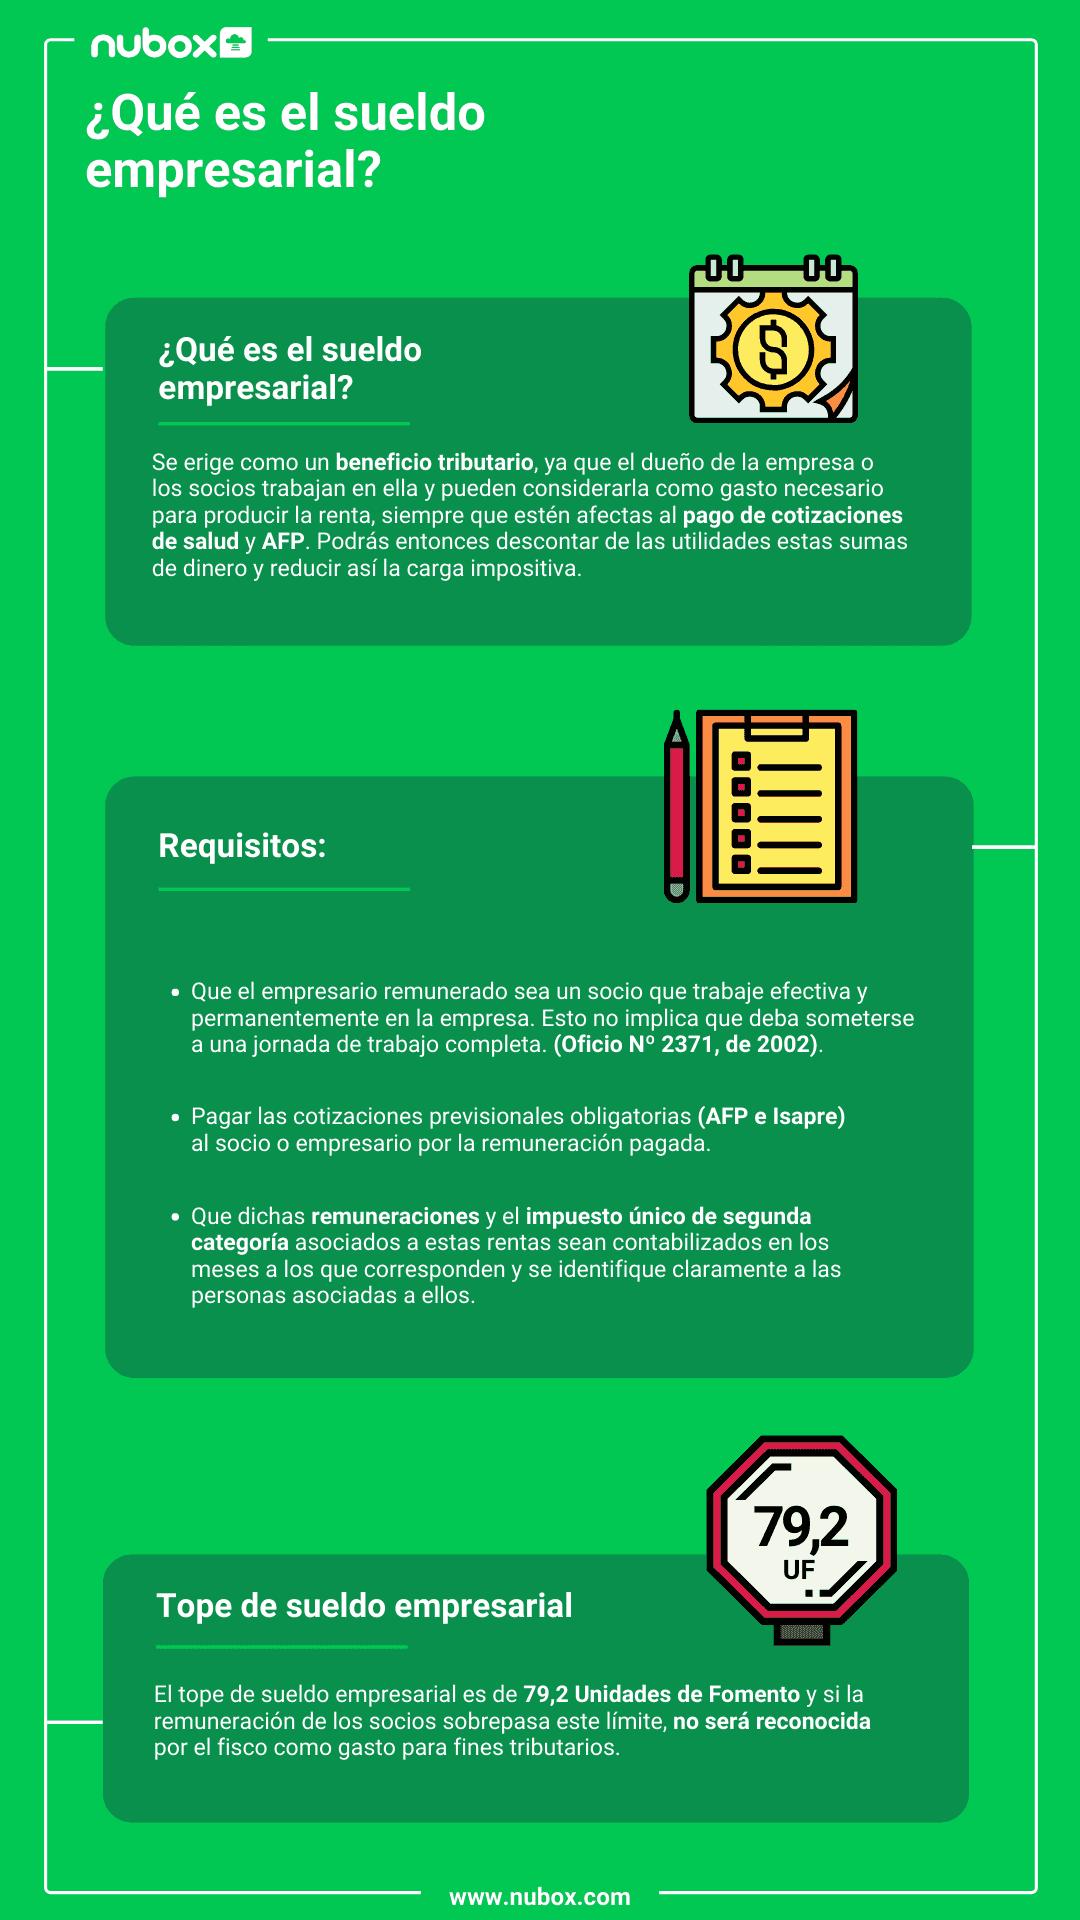 ¿Qué es el sueldo empresarial?